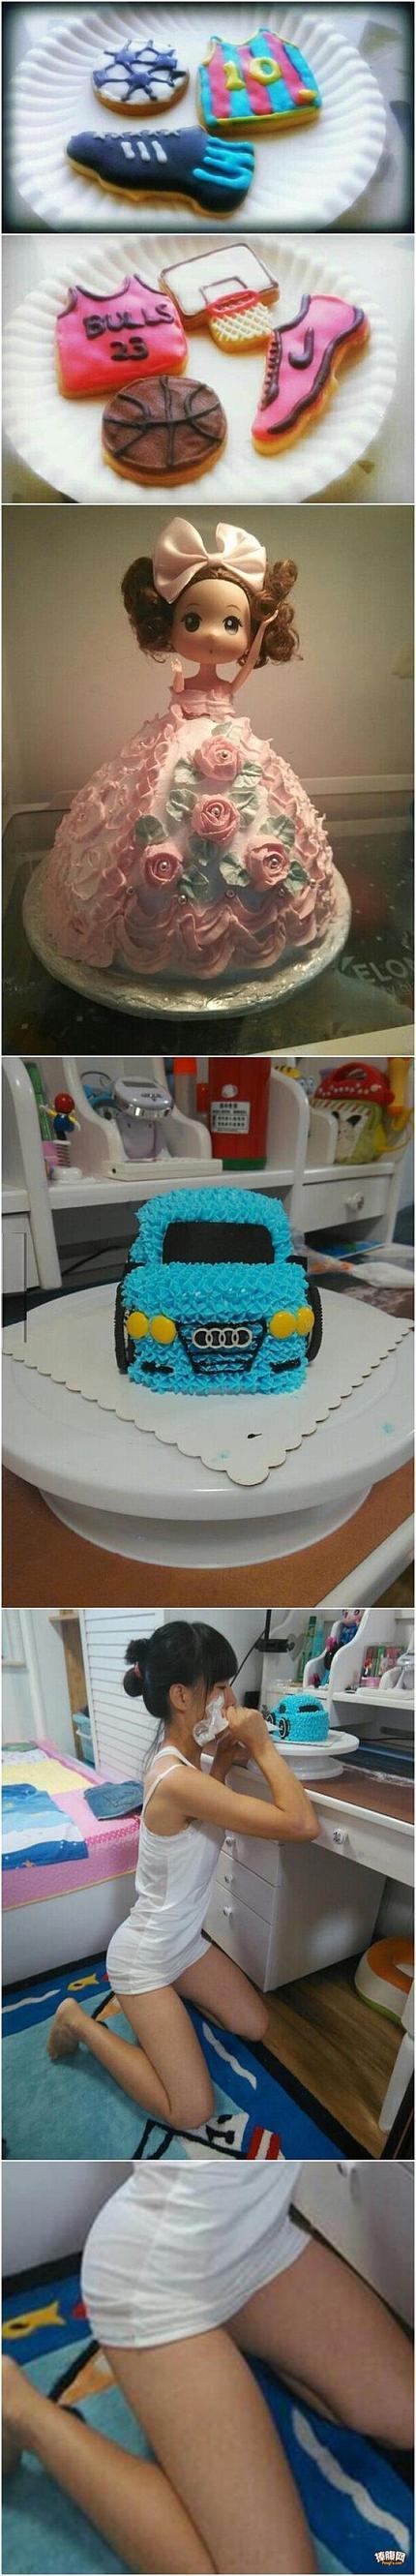 有个会做蛋糕的女朋友真好